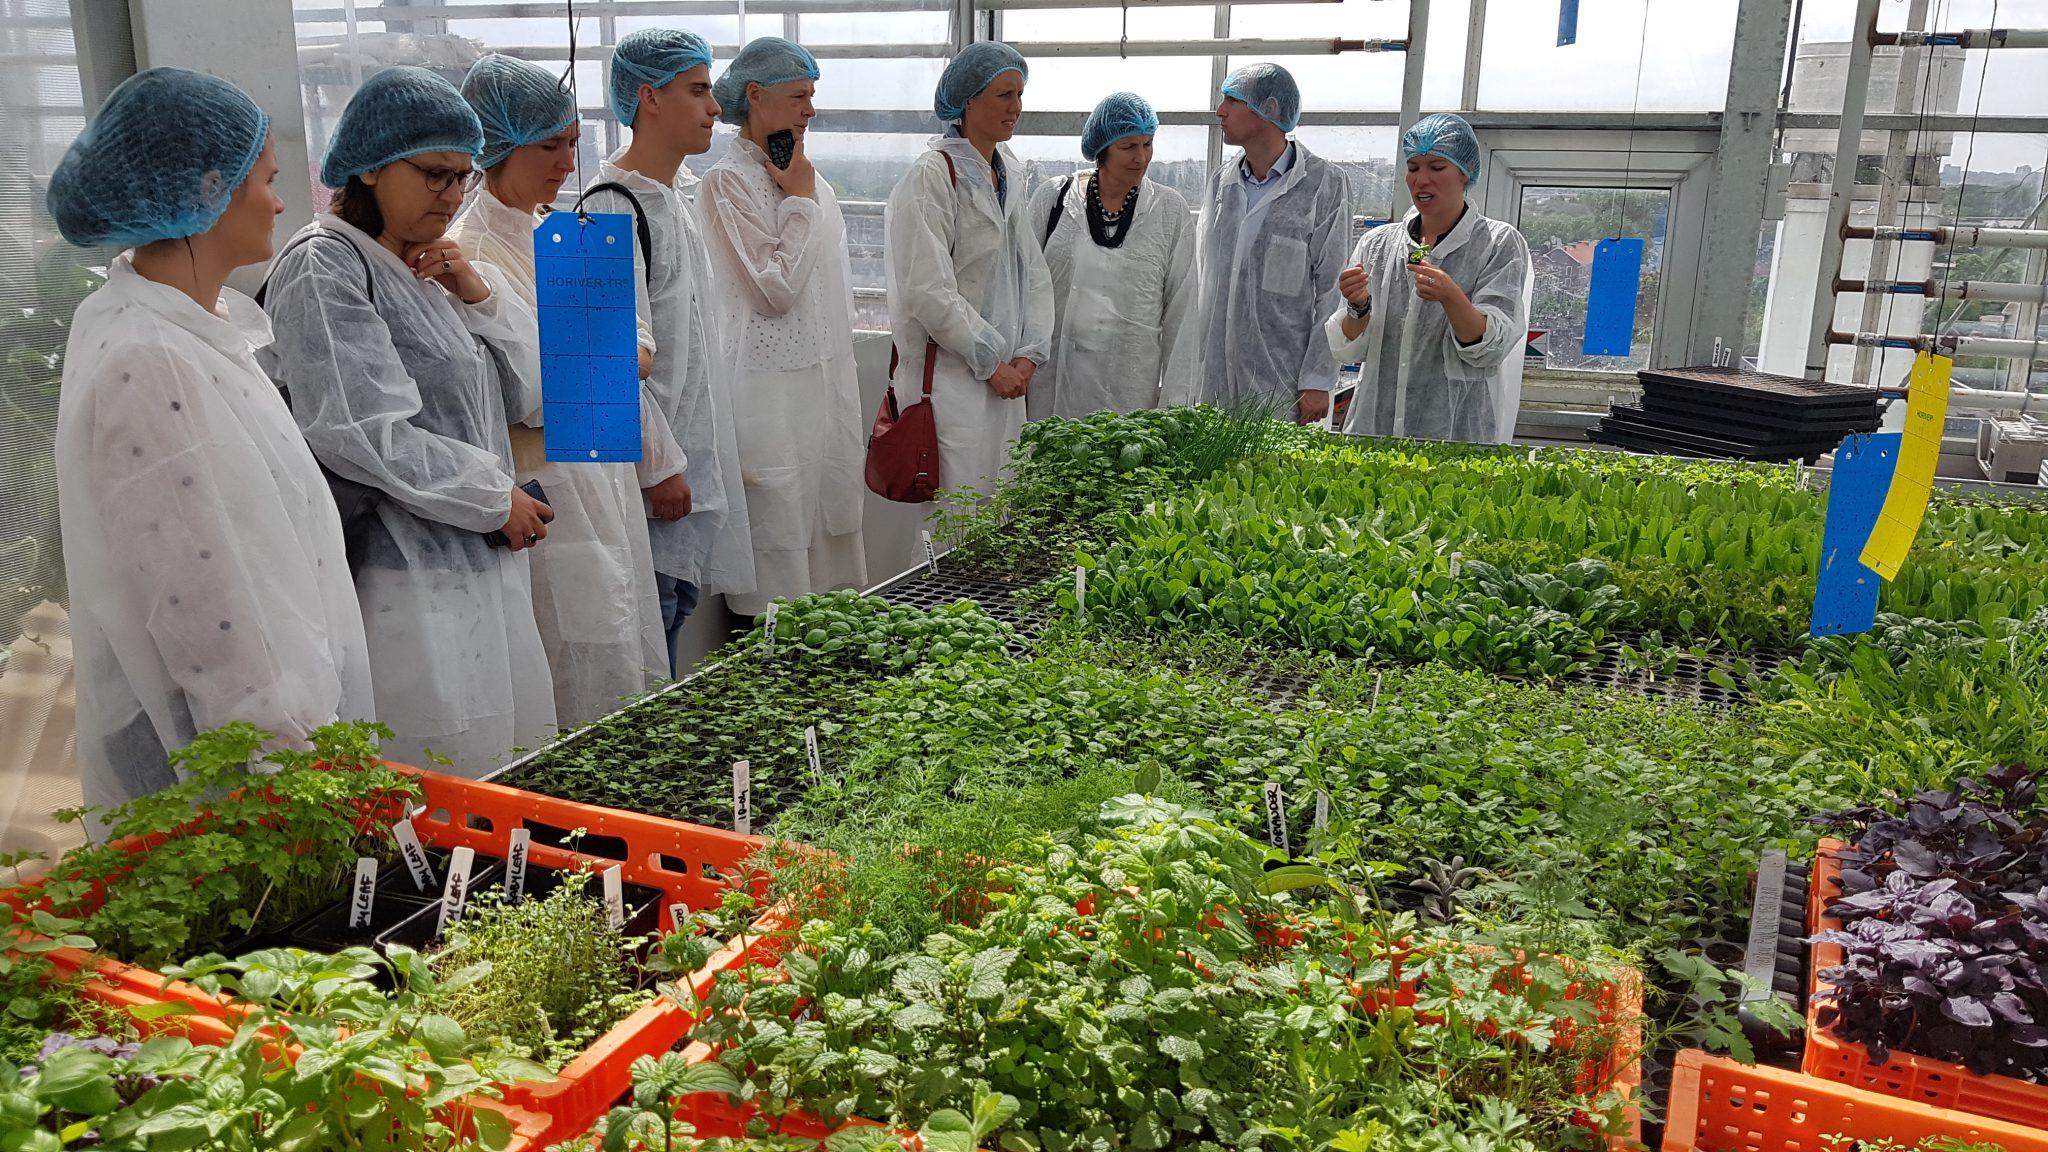 Vensterlandbouw: 80% lokaal eten in 2036